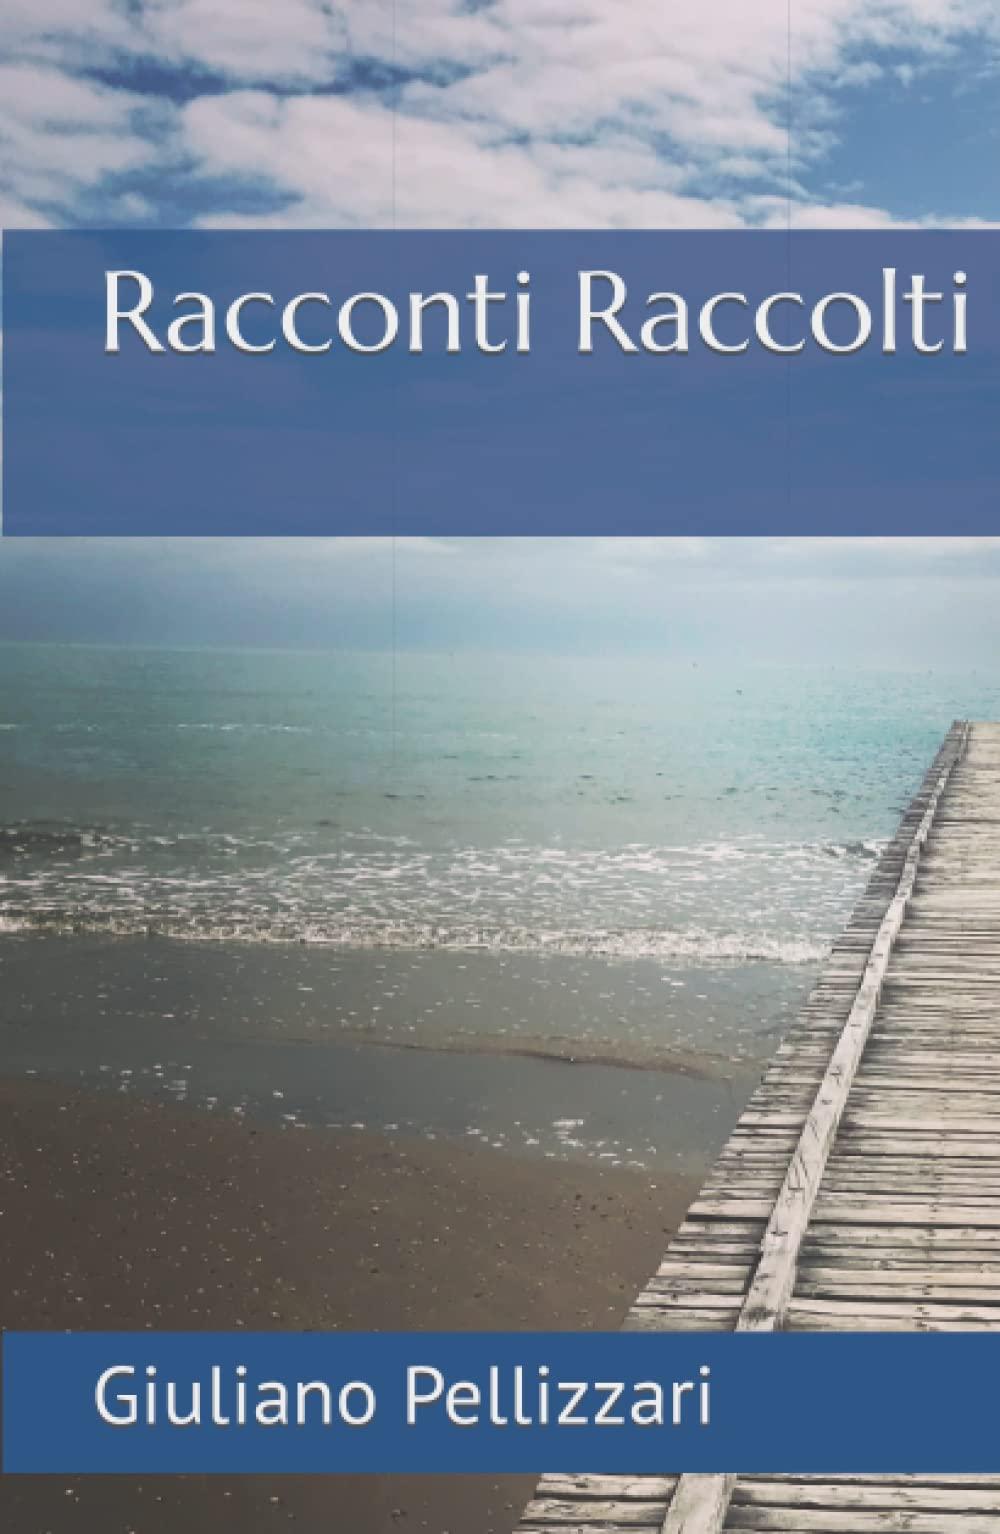 racconti raccolti Giuliano Pellizzari seconda edizione